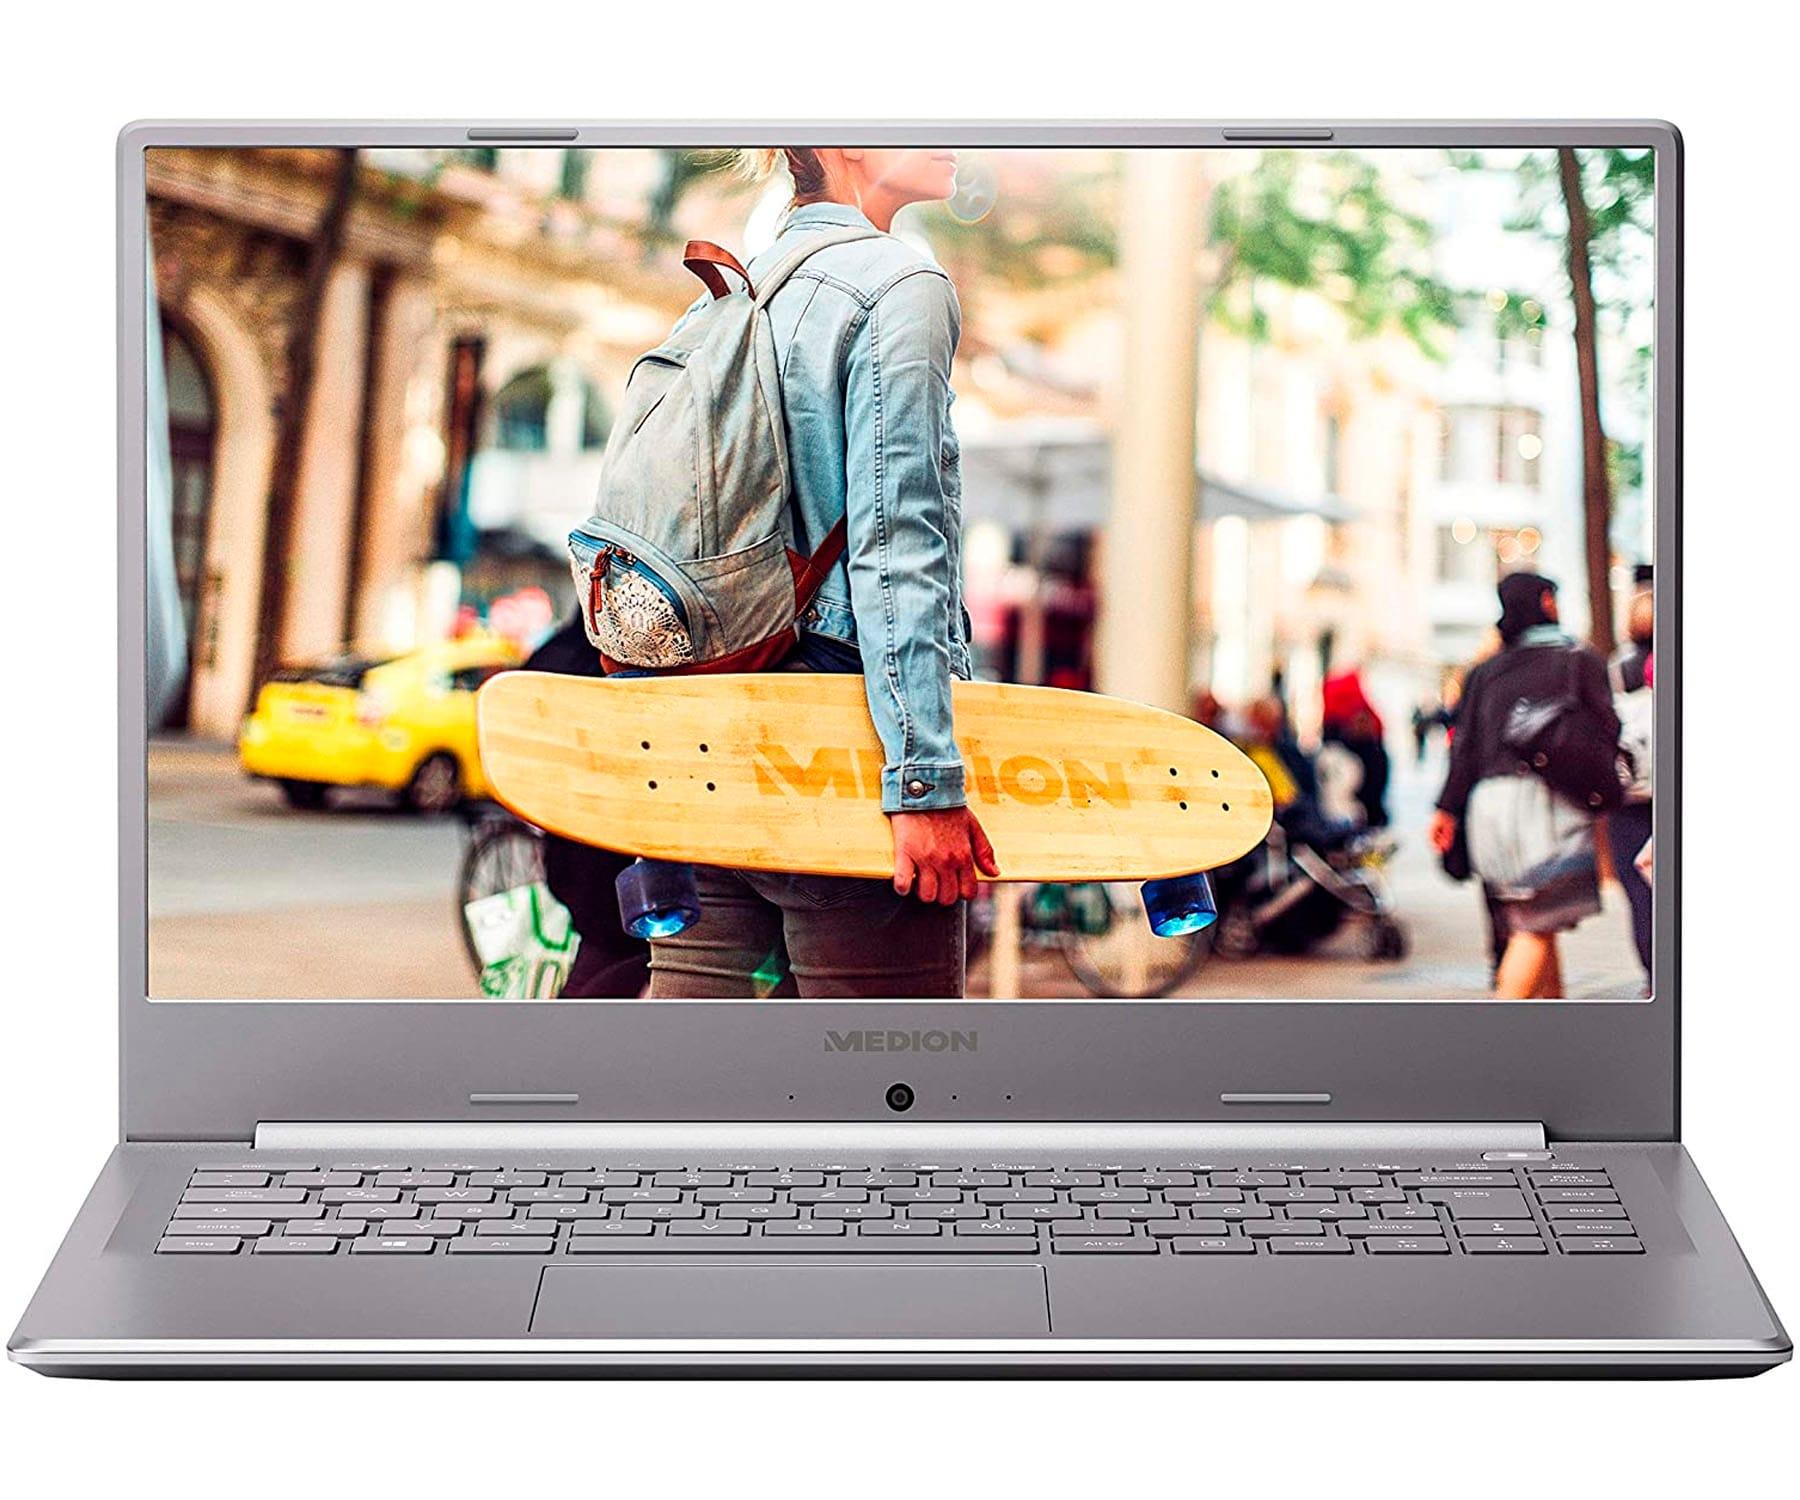 MEDION E6247 MD62007 PLATA PORTÁTIL 15.6'' FullHD CEL-N4020 512GB SSD 8GB RAM FREEDOS